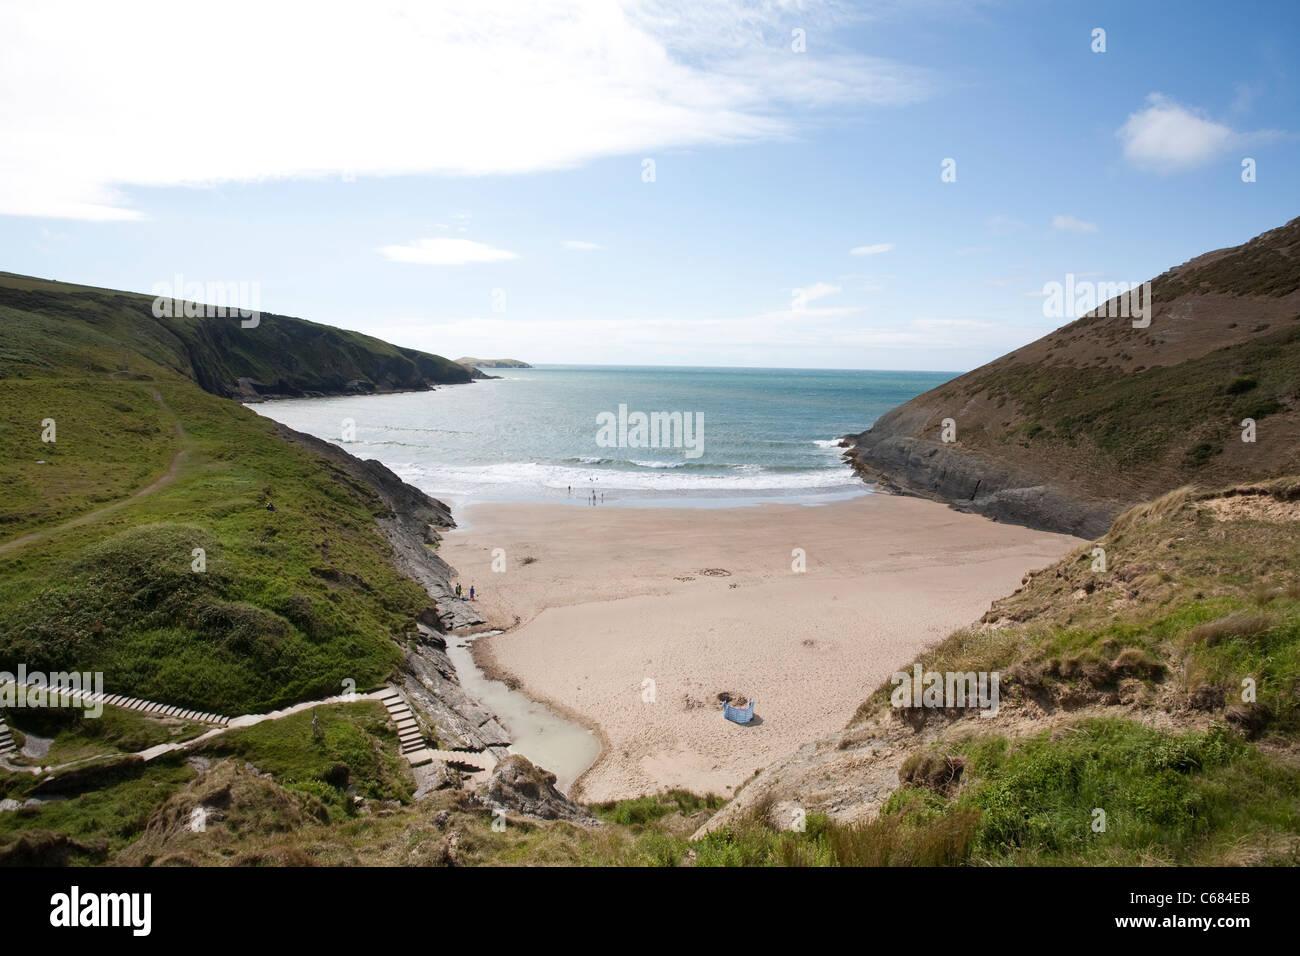 Mwnt Beach Cardigan Bay South Wales, UK. Photo:Jeff Gilbert - Stock Image